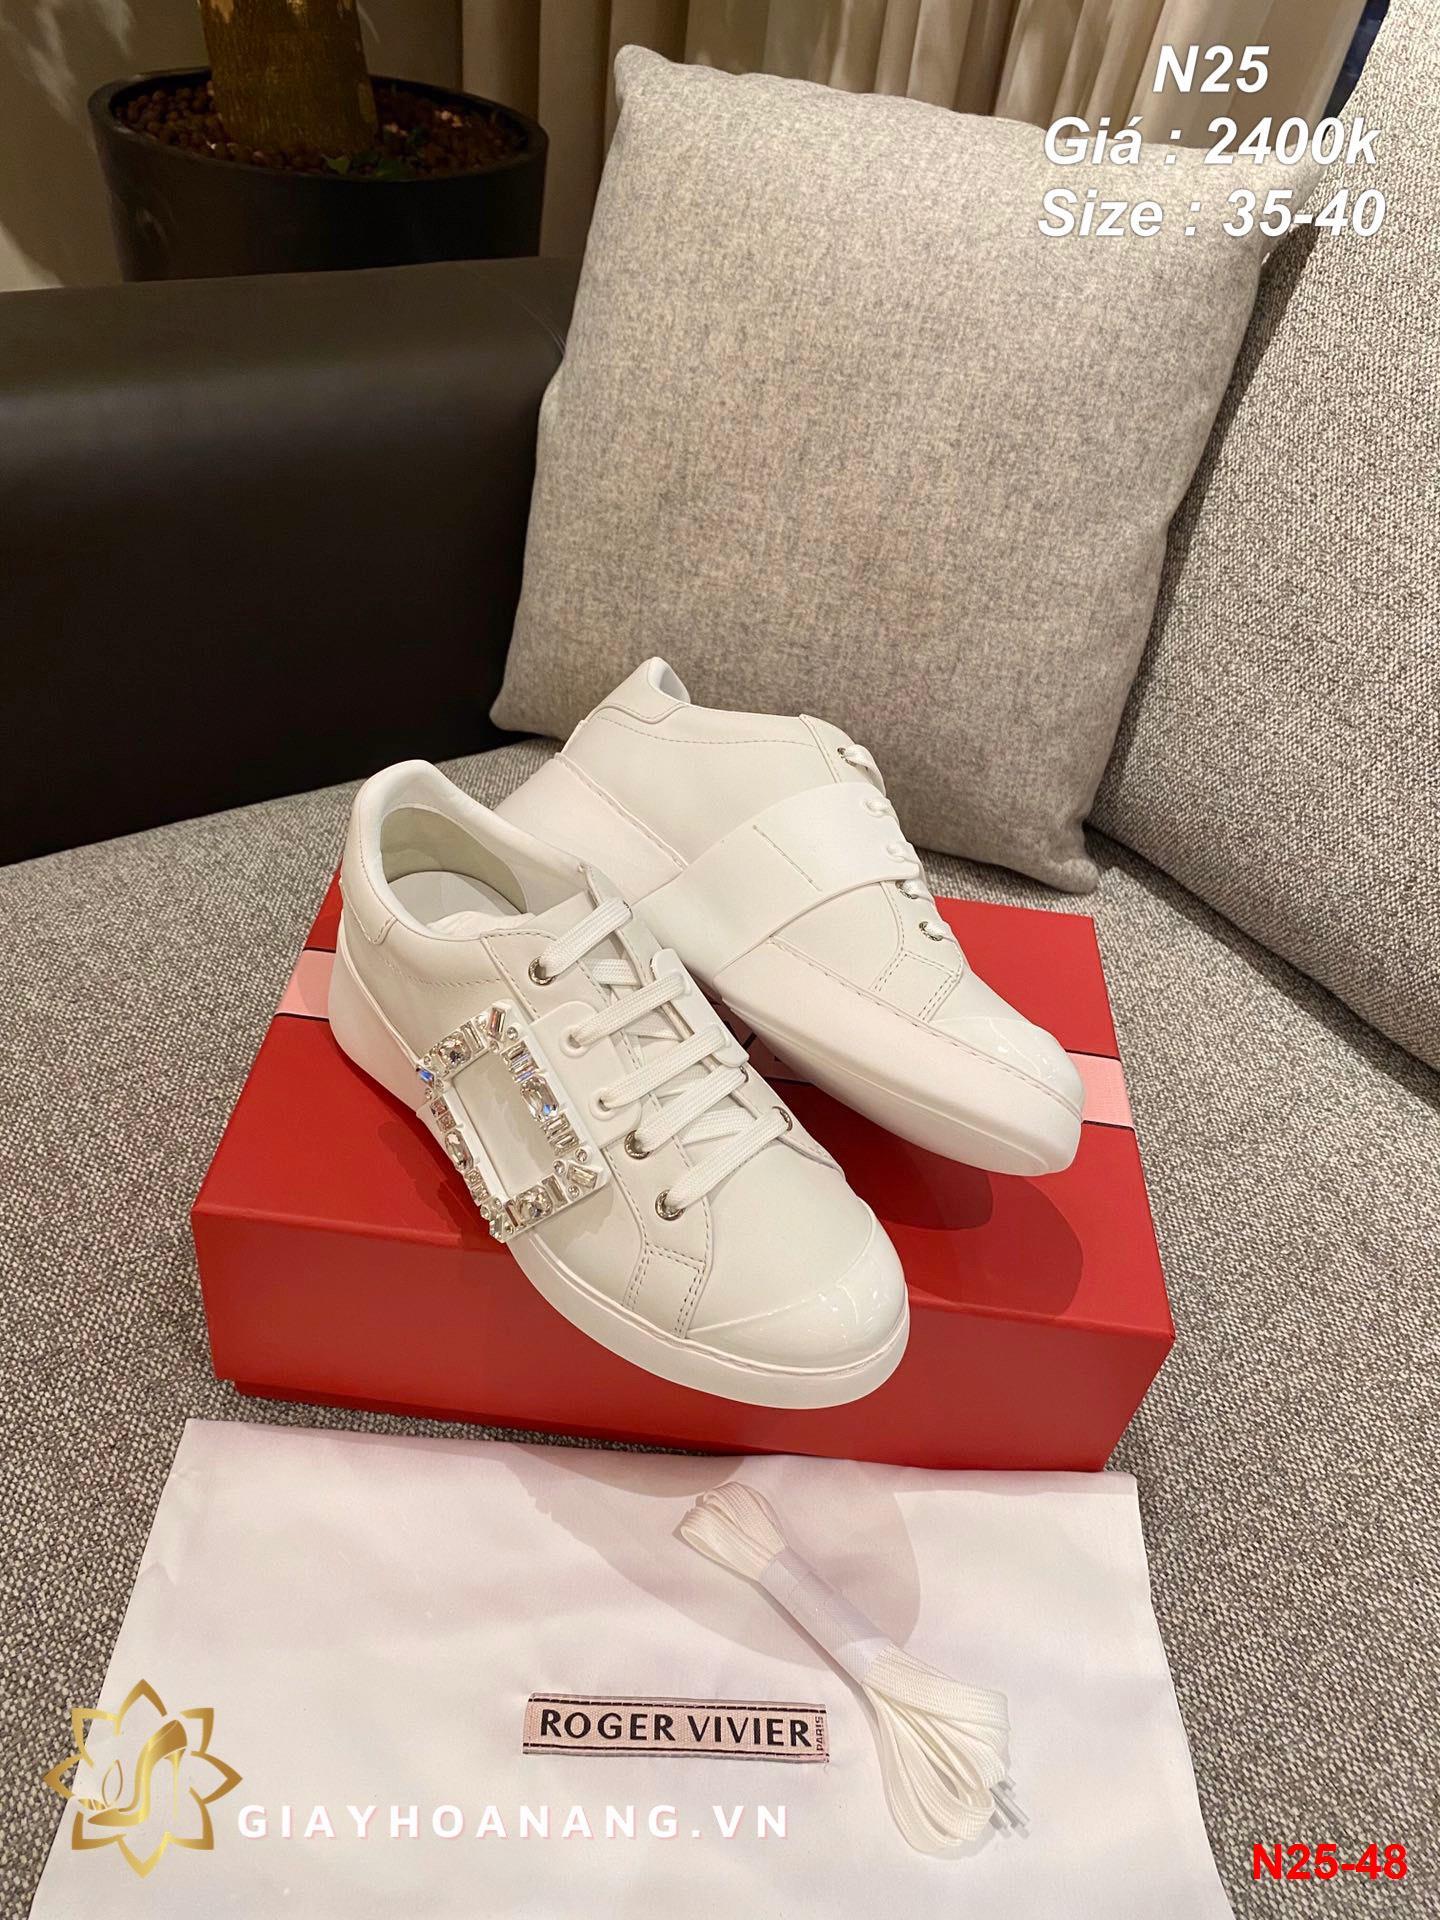 N25-48 Roger Vivier giày thể thao siêu cấp